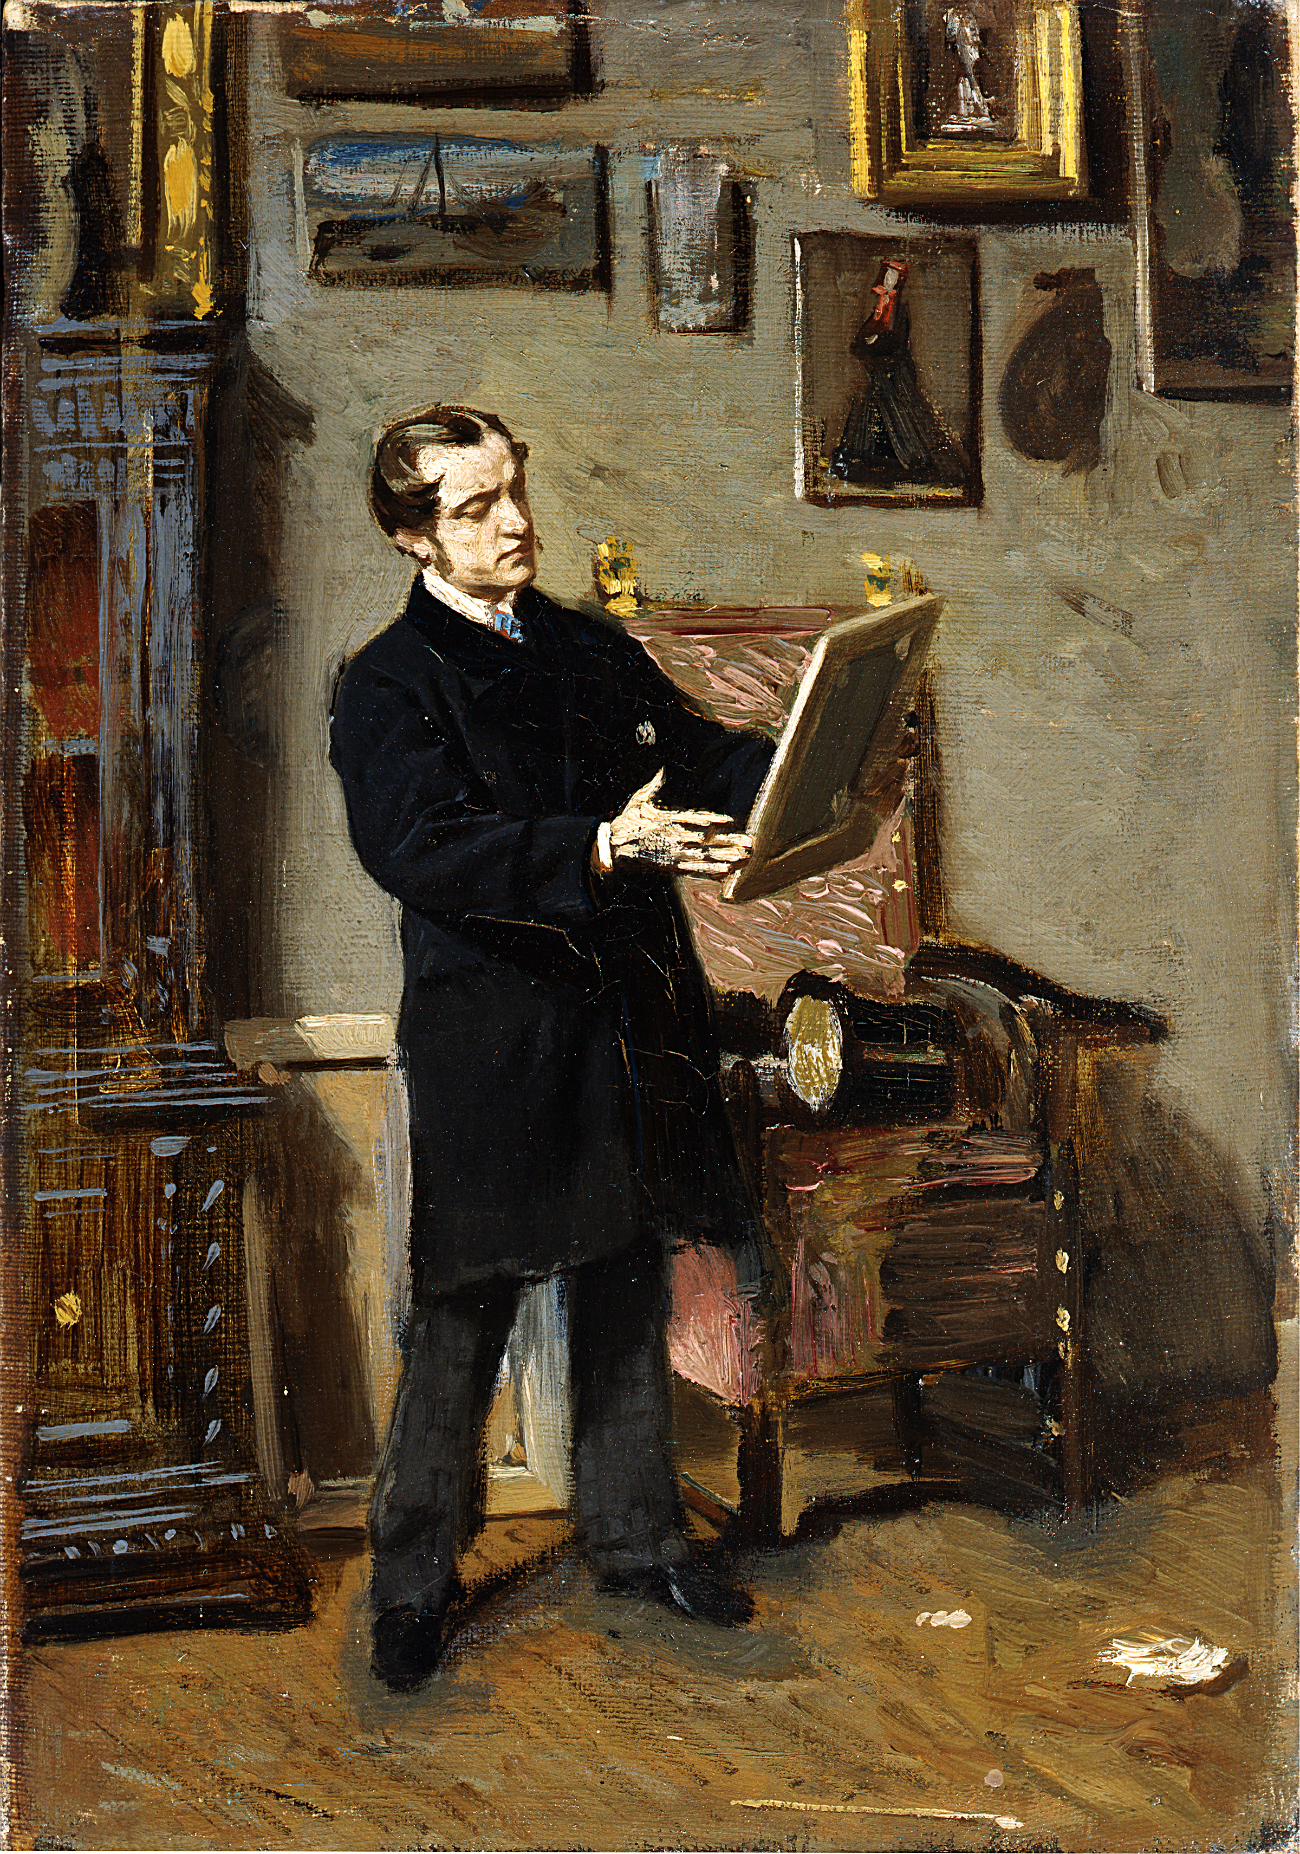 Autoritratto mentre osserva un quadro, 1865. Giovanni Boldini. Fonte: Ufficio stampa Ermitage